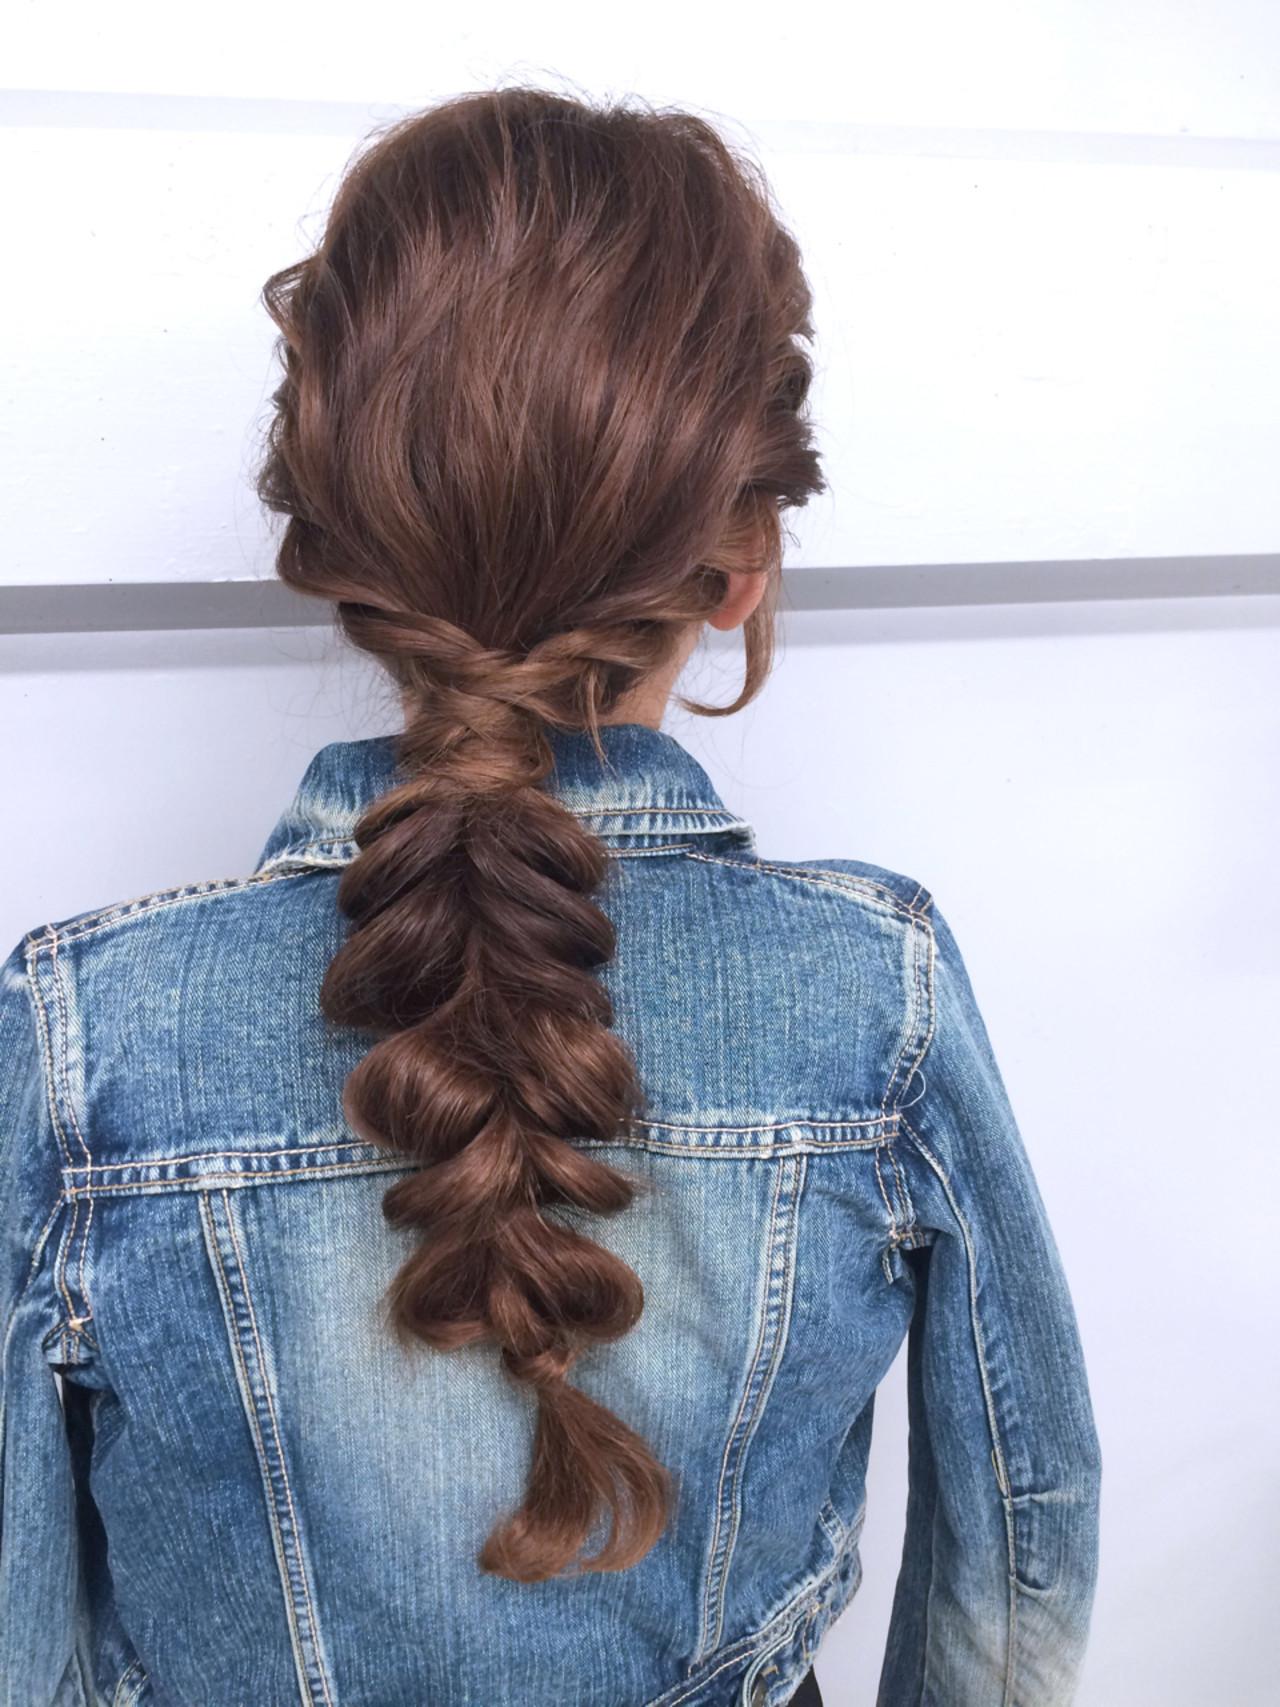 ハーフアップ ロング ショート 夏 ヘアスタイルや髪型の写真・画像